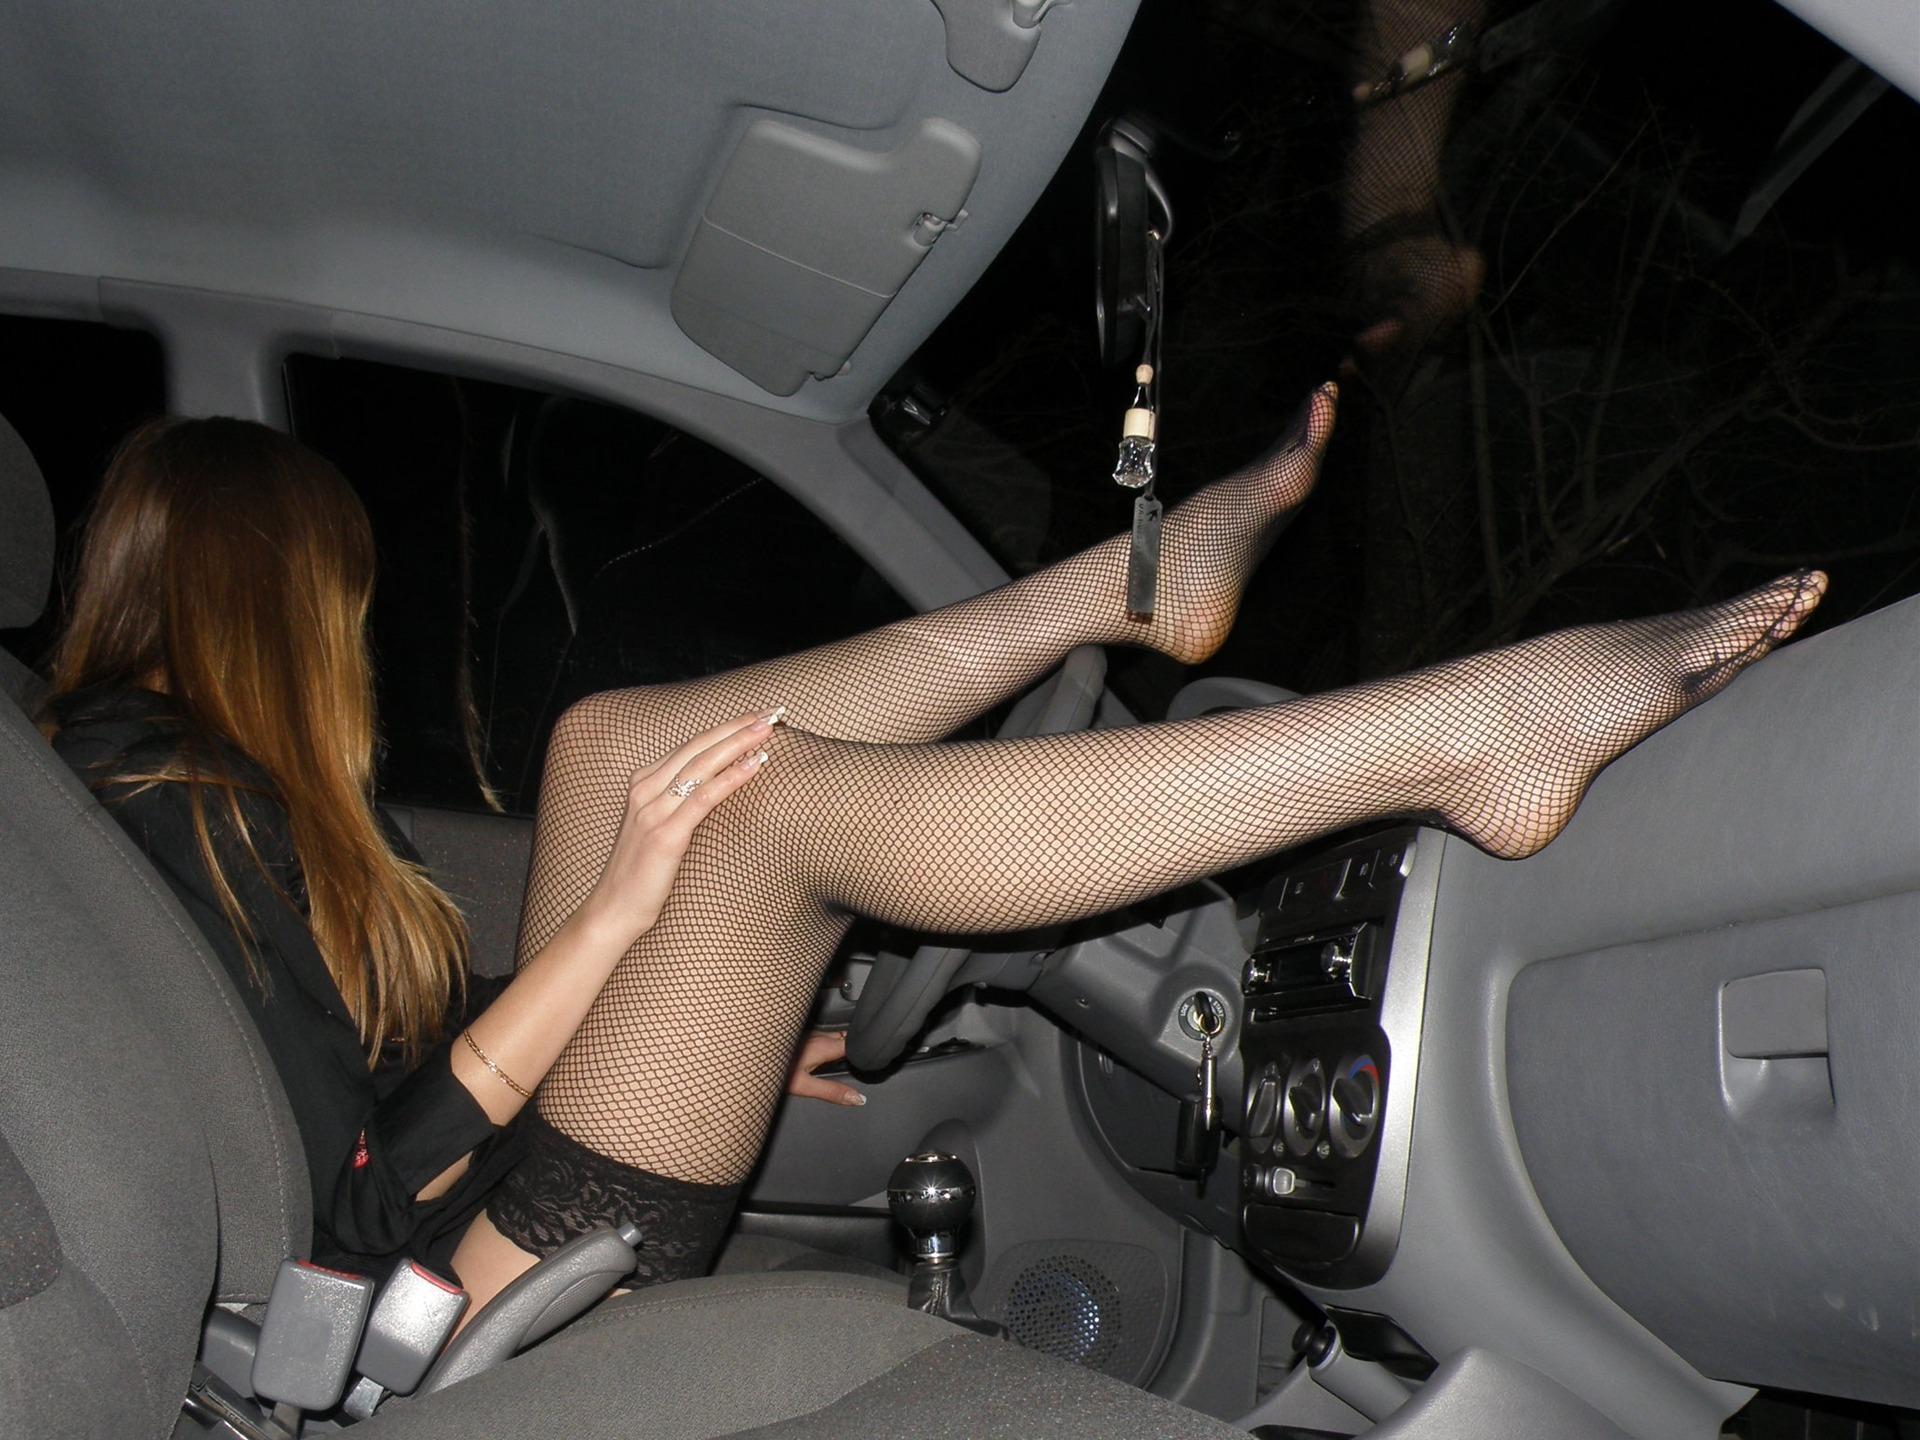 Сильно пьяная жена в машине ххх — pic 5